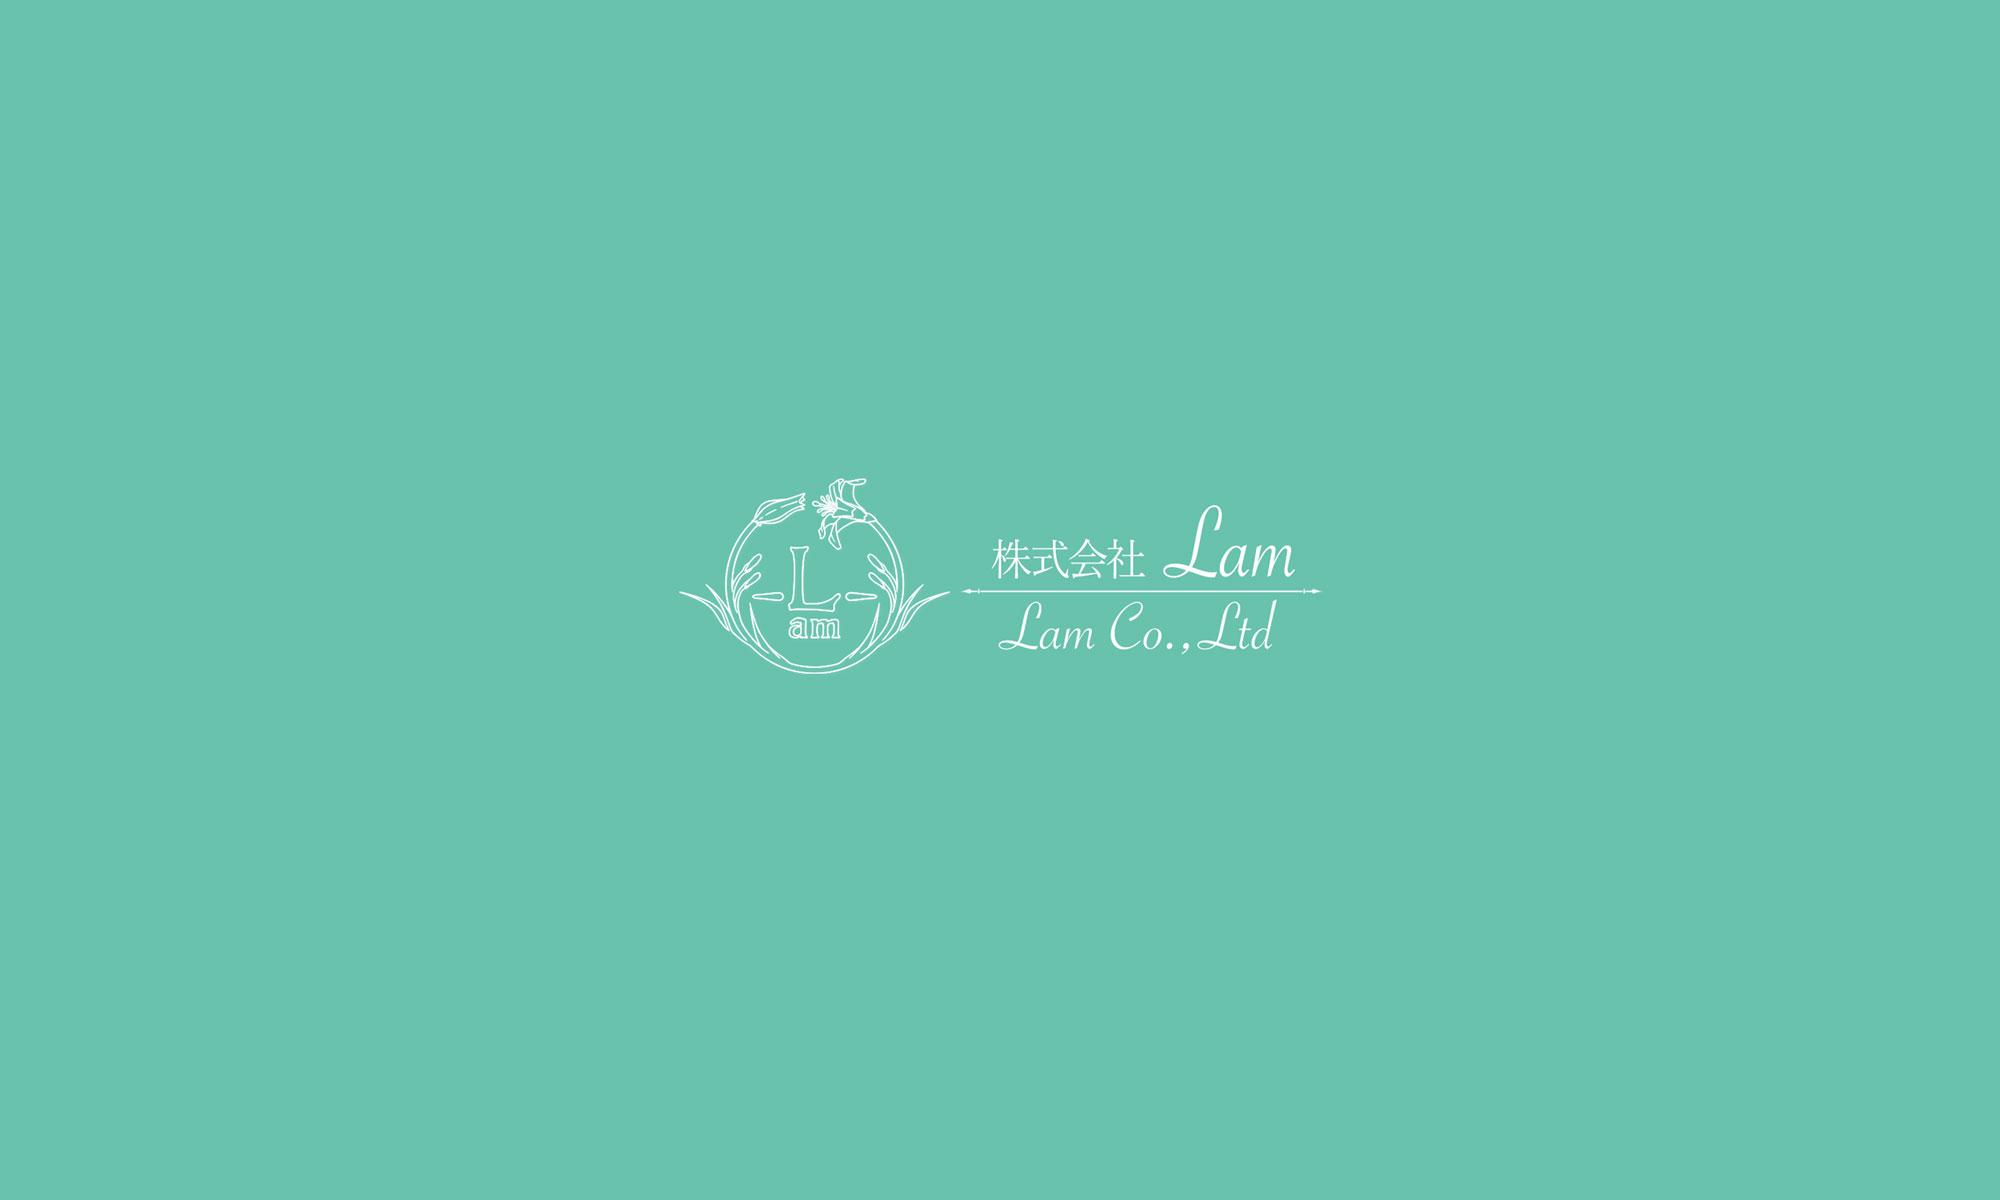 株式会社Lam